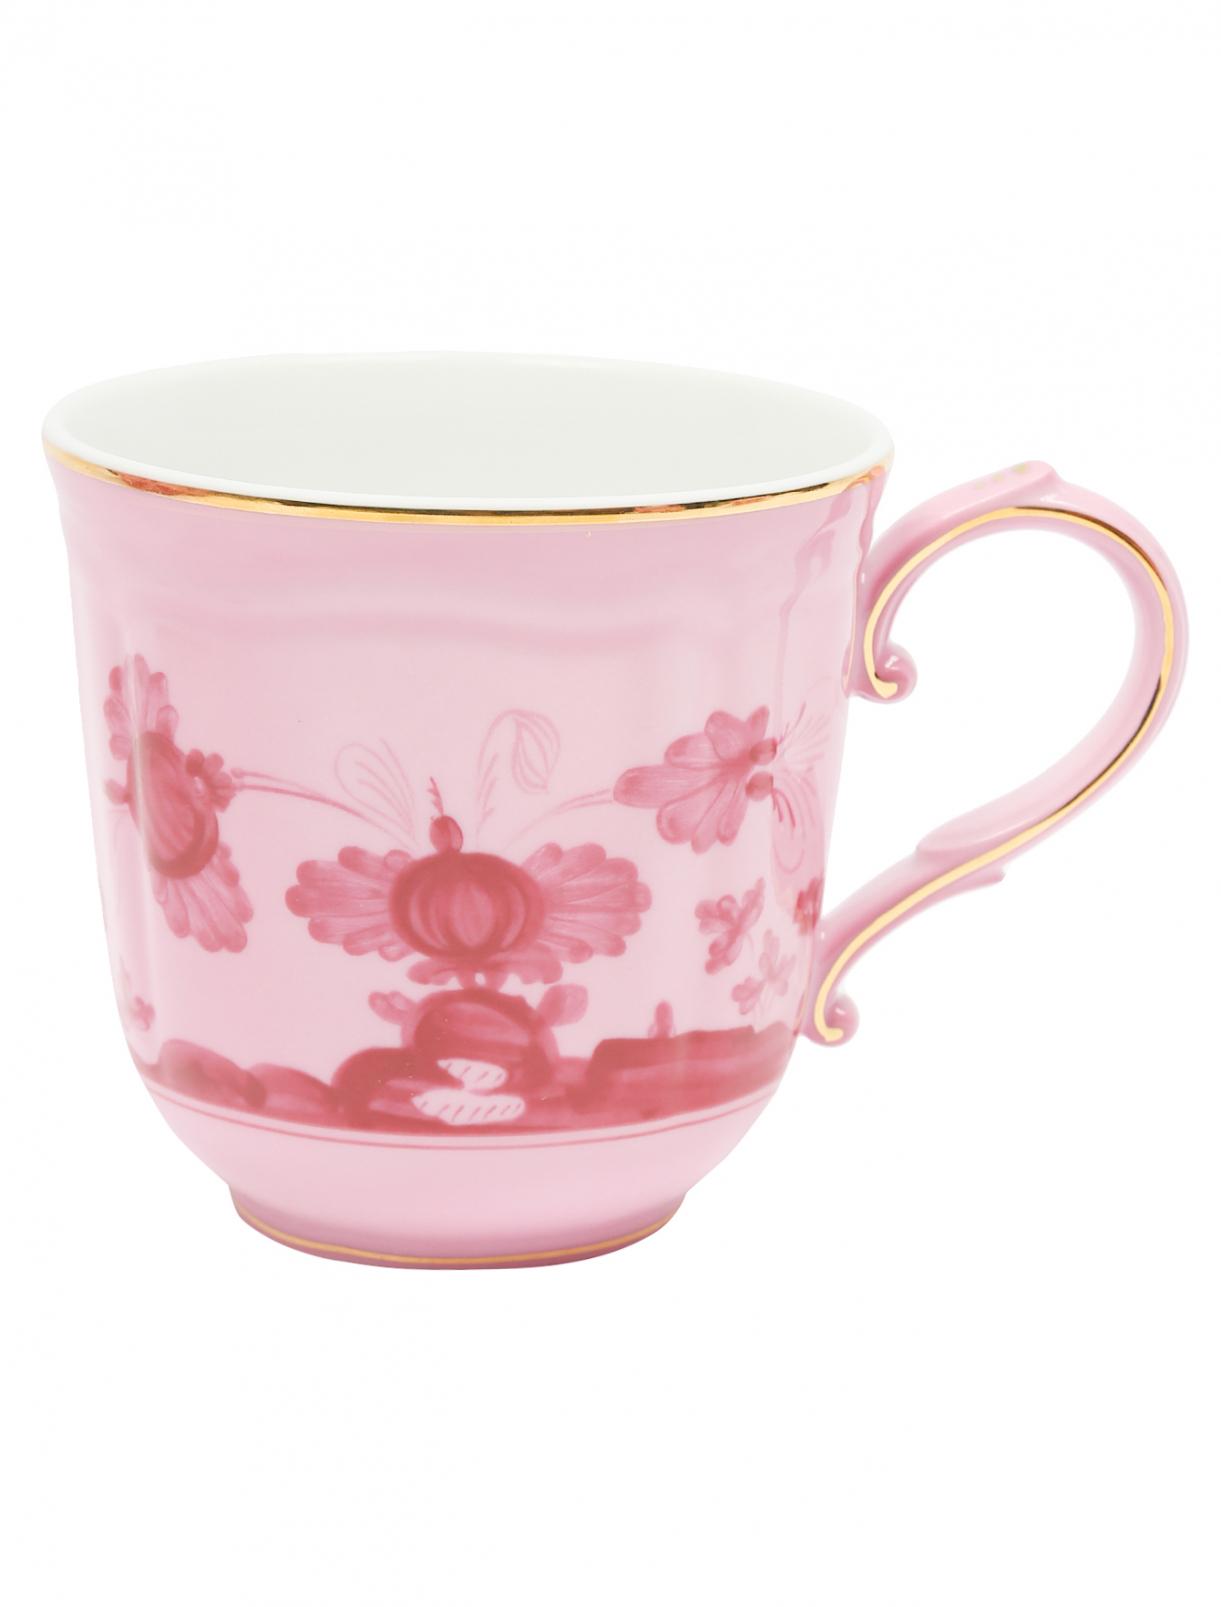 Чайная чашка из фарфора с узором и золотой окантовкой Richard Ginori 1735  –  Общий вид